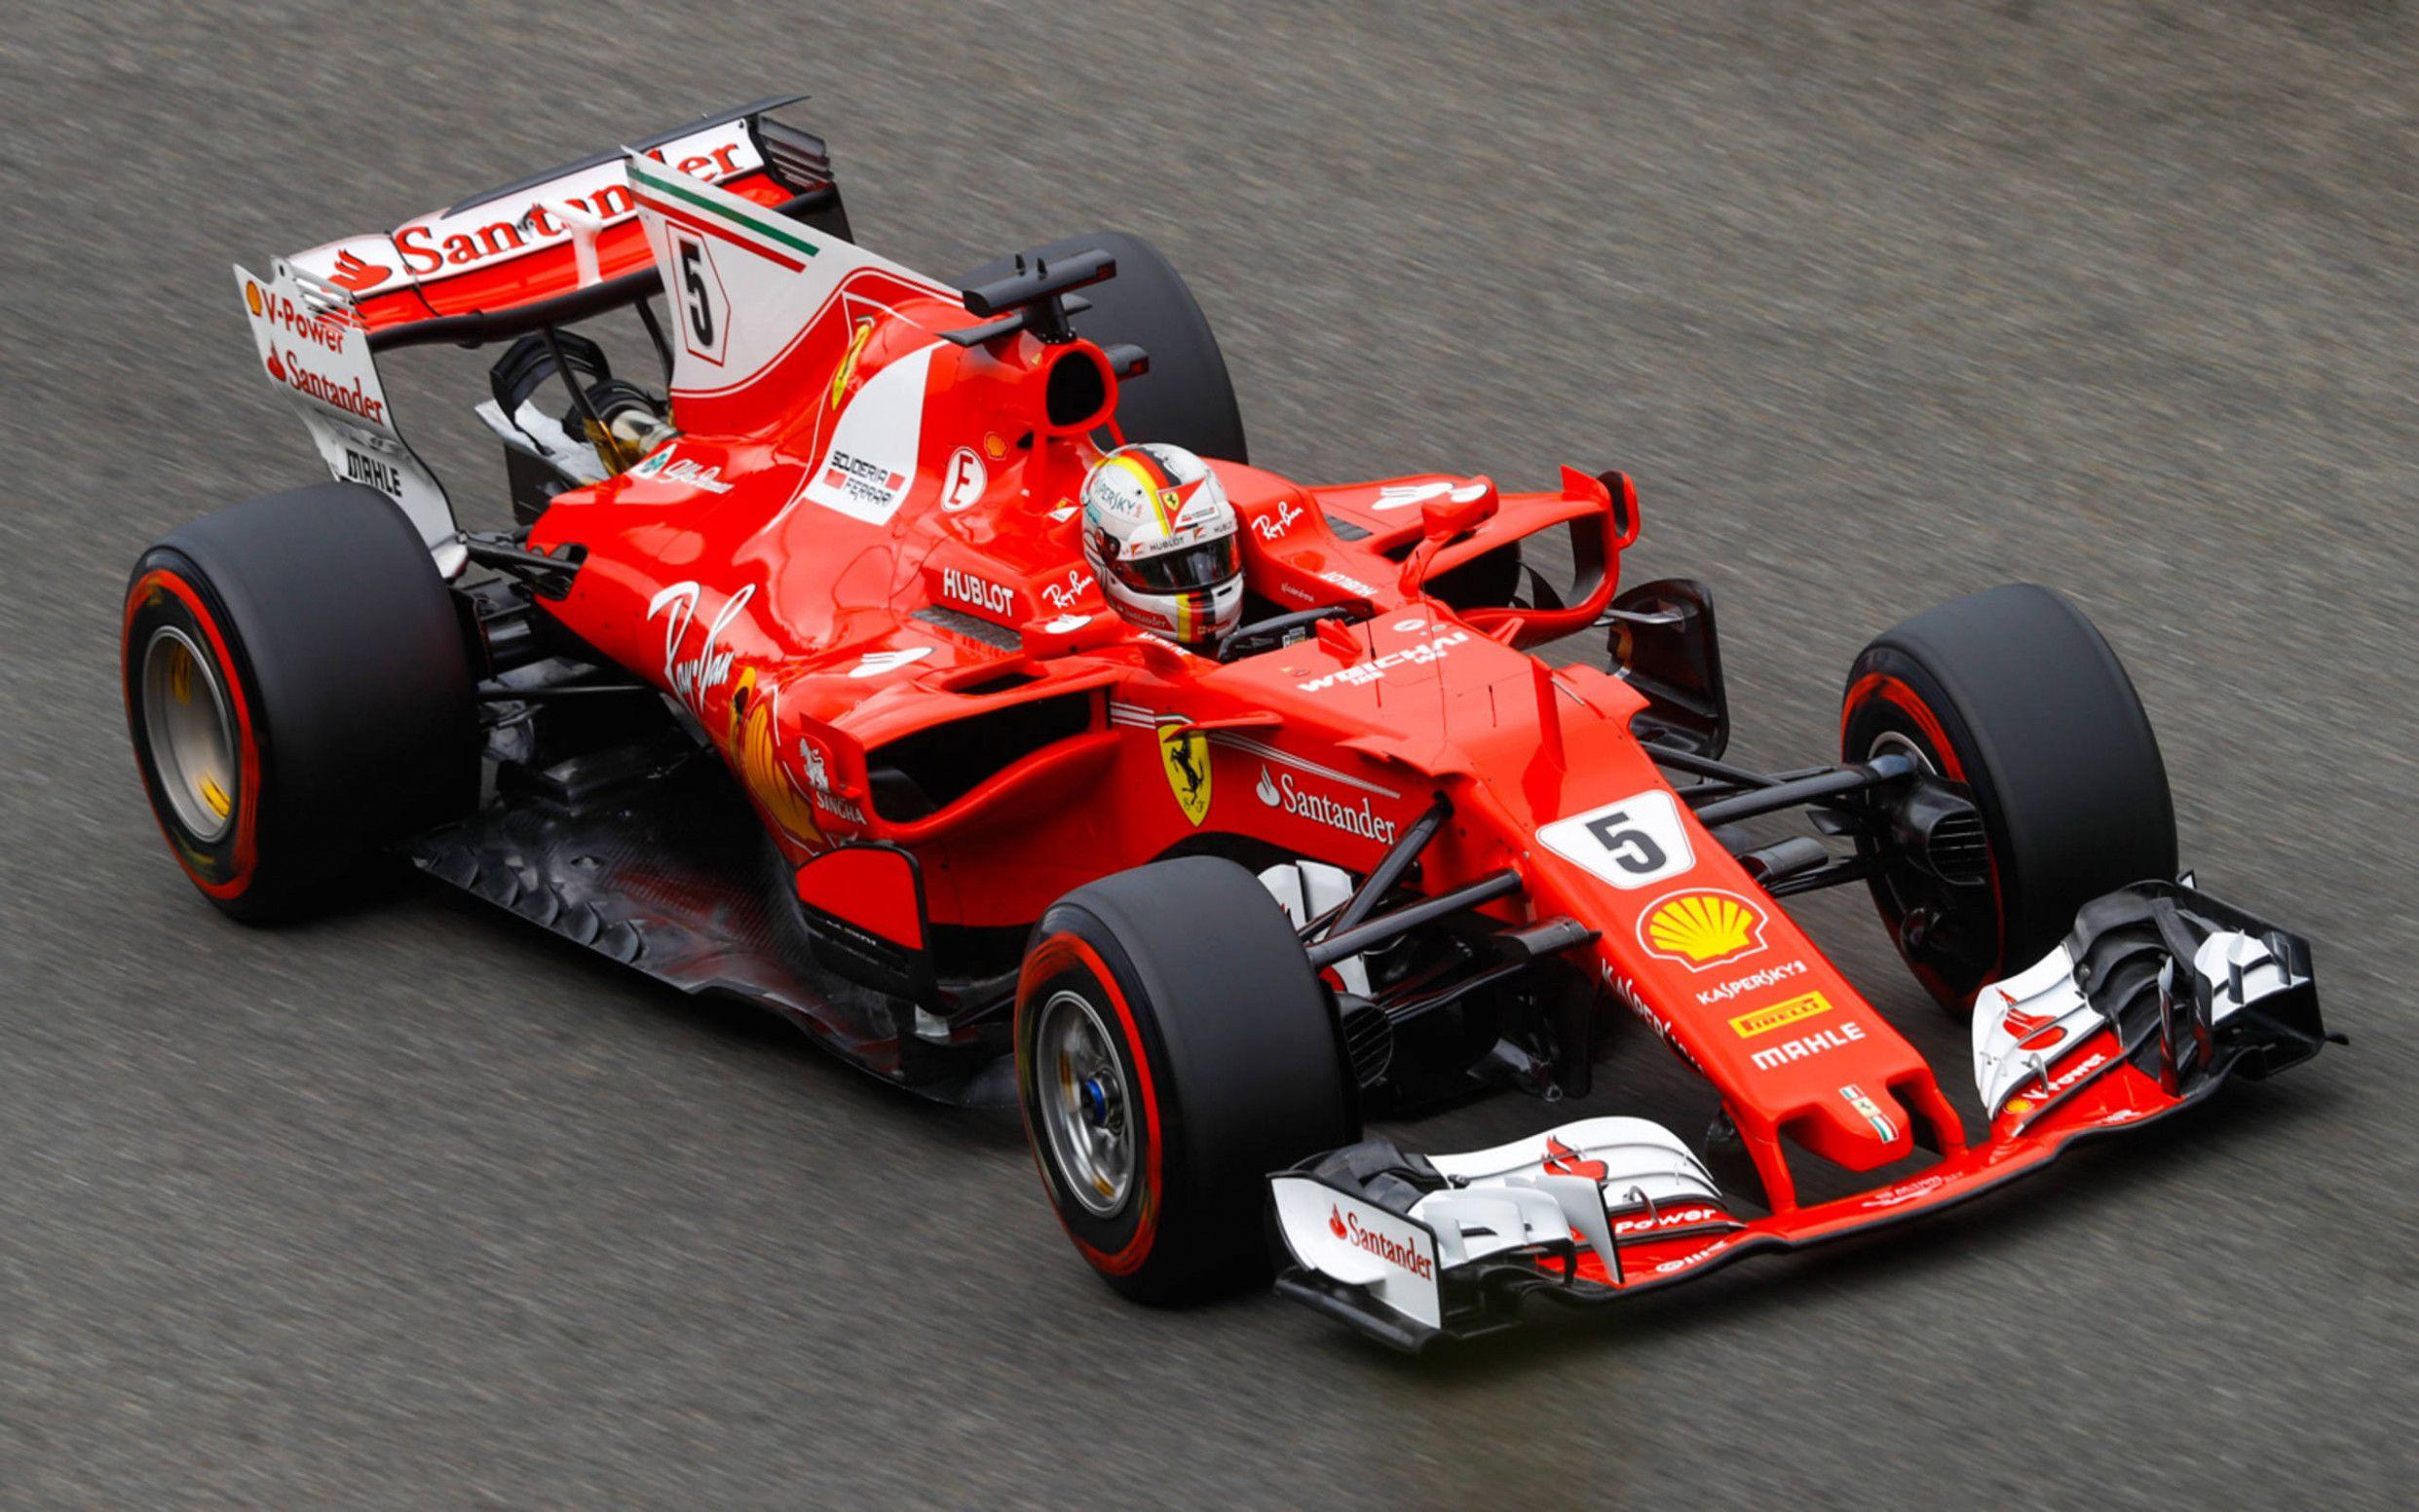 2020 Ferrari F1 Engine Release Date